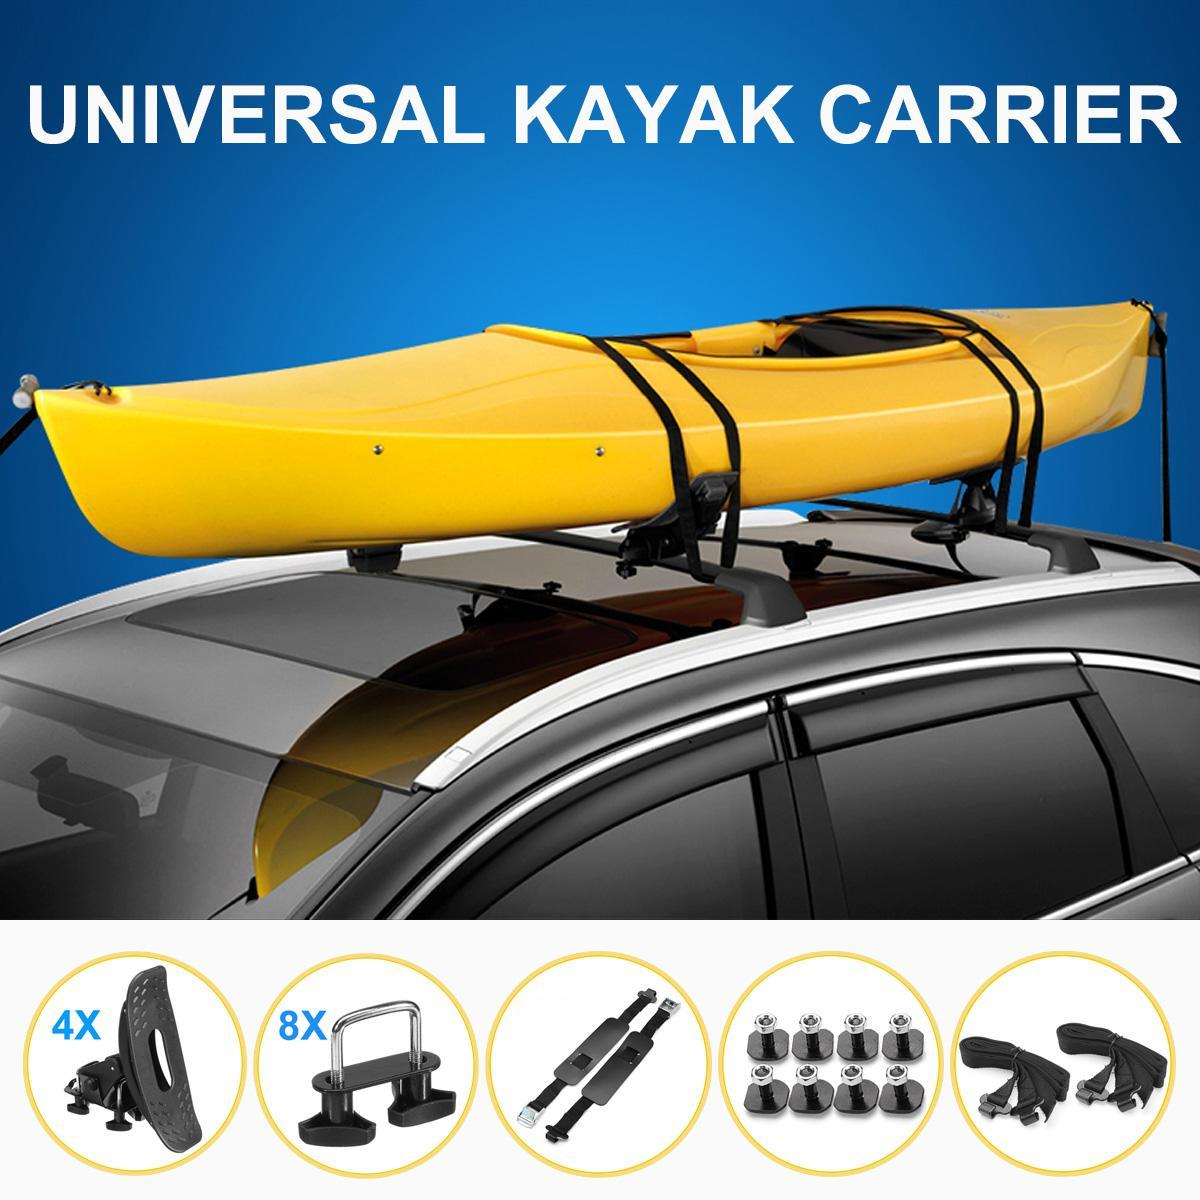 Support de porte-Kayak universel selle motomarine bras porte-bagages canoë chargeur de voiture accessoires pour Kayak